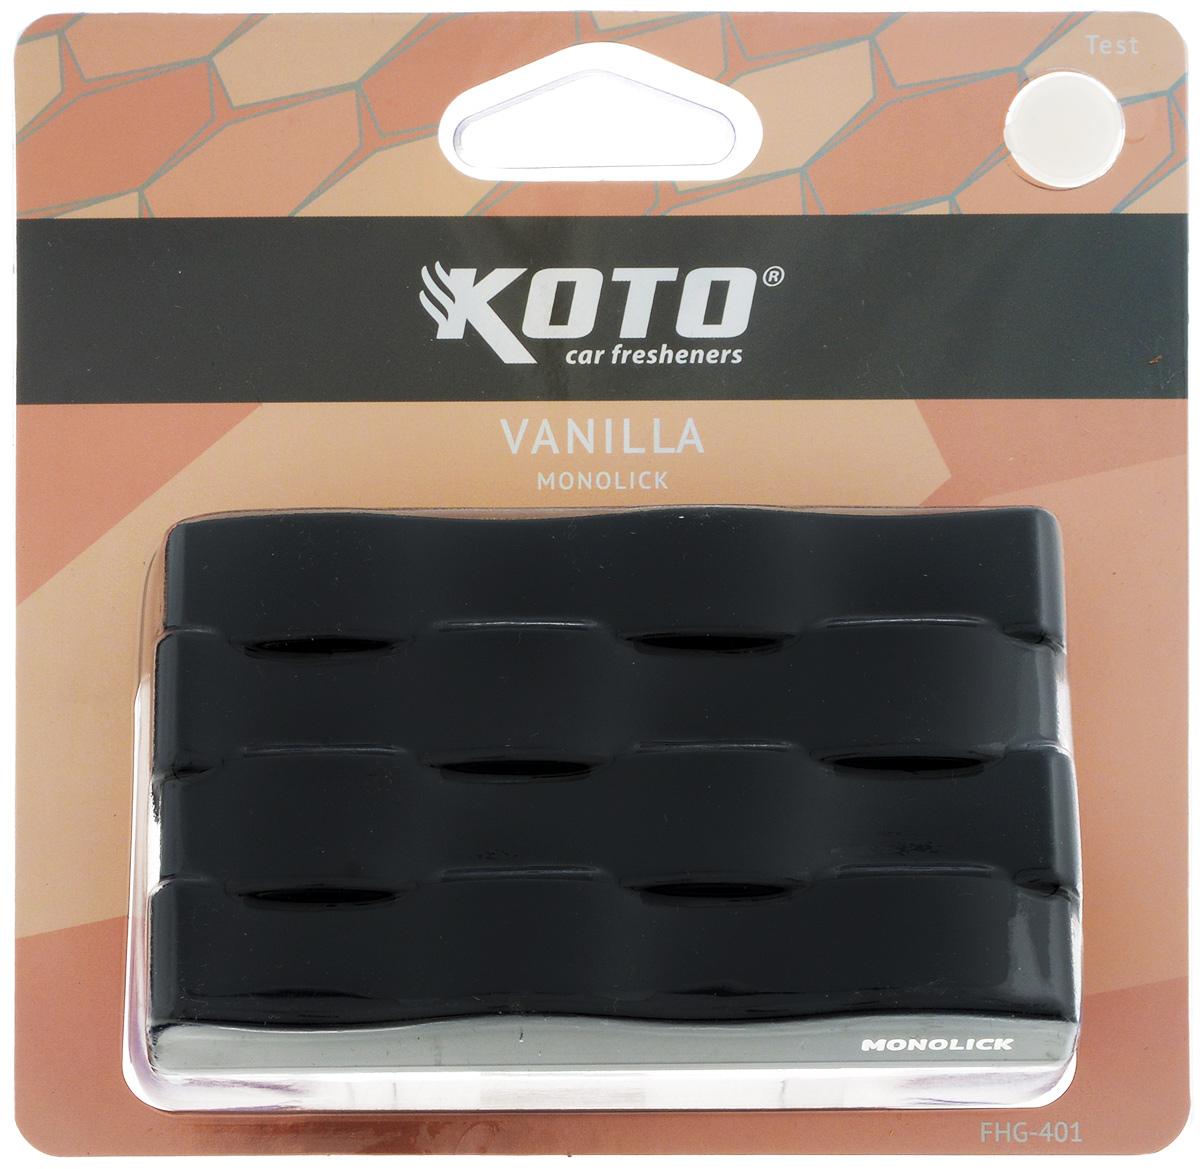 Ароматизатор автомобильный Koto Monolick. Vanilla, гелевый, 90 гFHG-401Автомобильный ароматизатор Koto Monolick. Vanilla эффективно устраняет неприятные запахи и придает приятный аромат. Сочетание геля с парфюмами наилучшего качества обеспечивает устойчивый запах. Кроме того, ароматизатор обладает элегантным дизайном. Благодаря специальной конструкции, изделие крепится на горизонтальную поверхность. Товар сертифицирован.